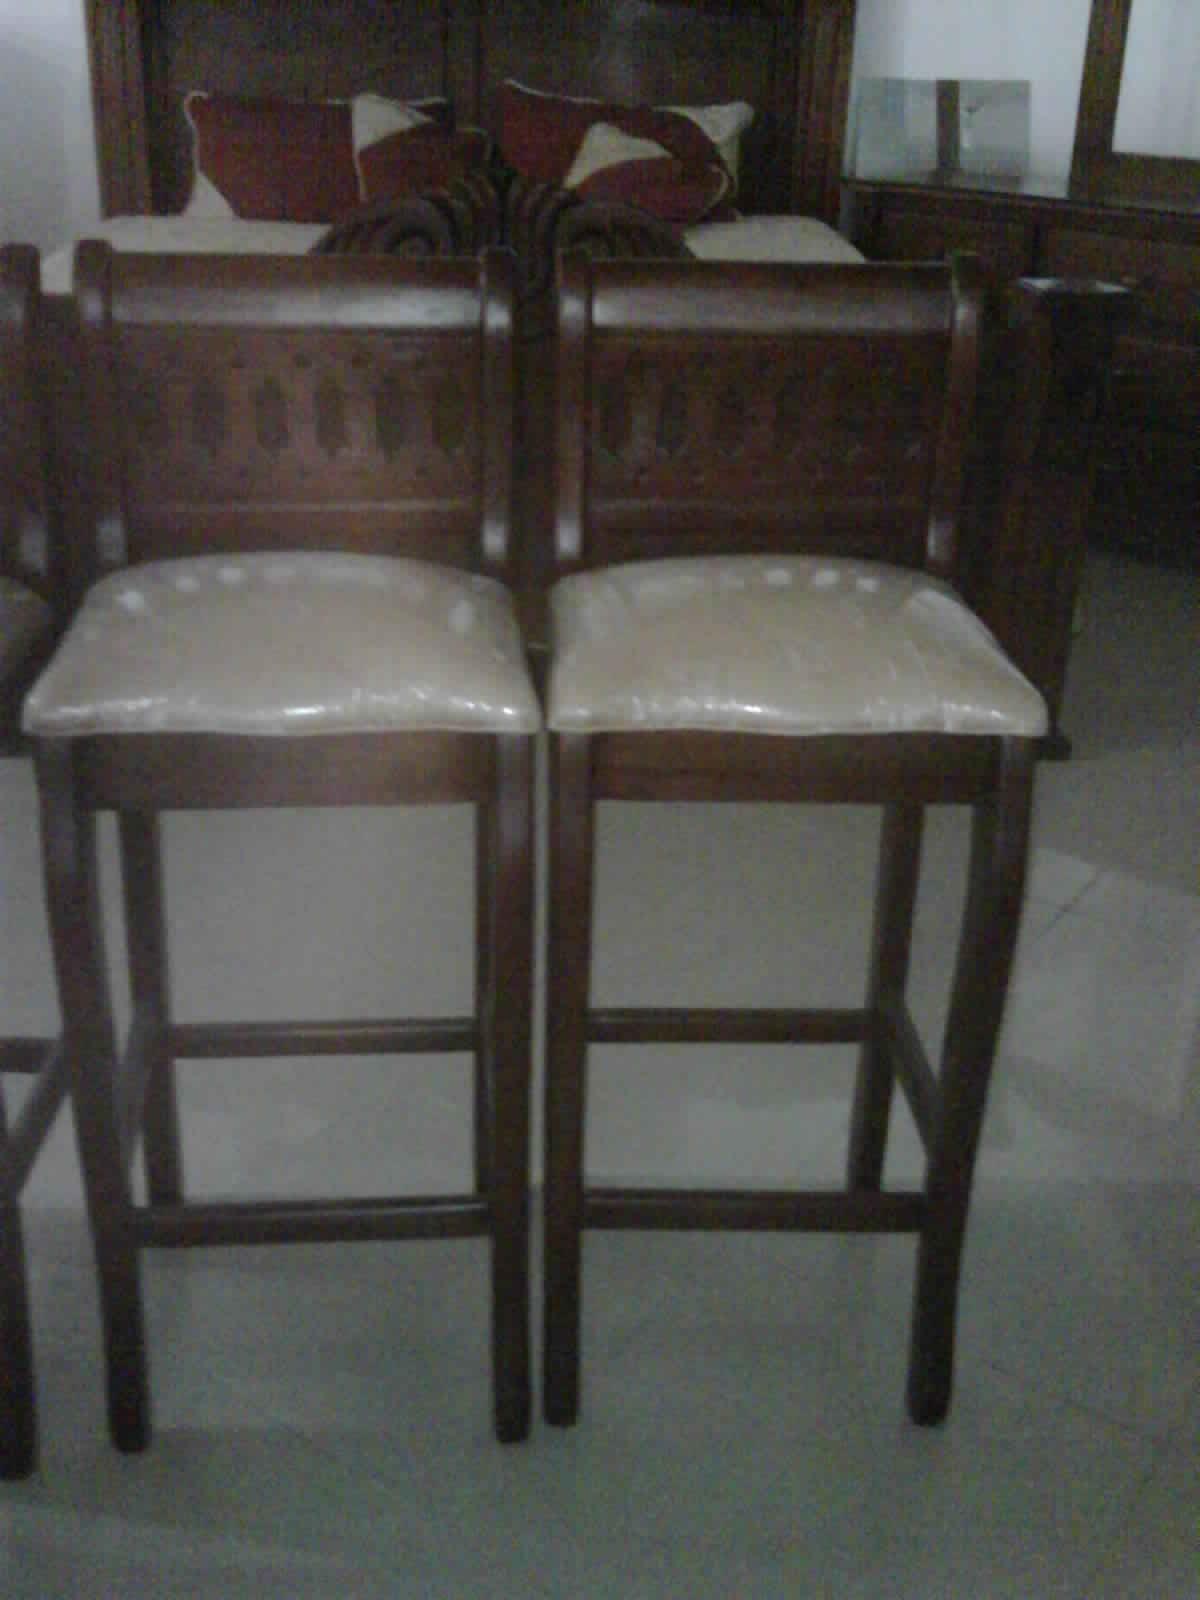 Plaza electromuebles delkis silla de desayunador for Sillas para desayunador